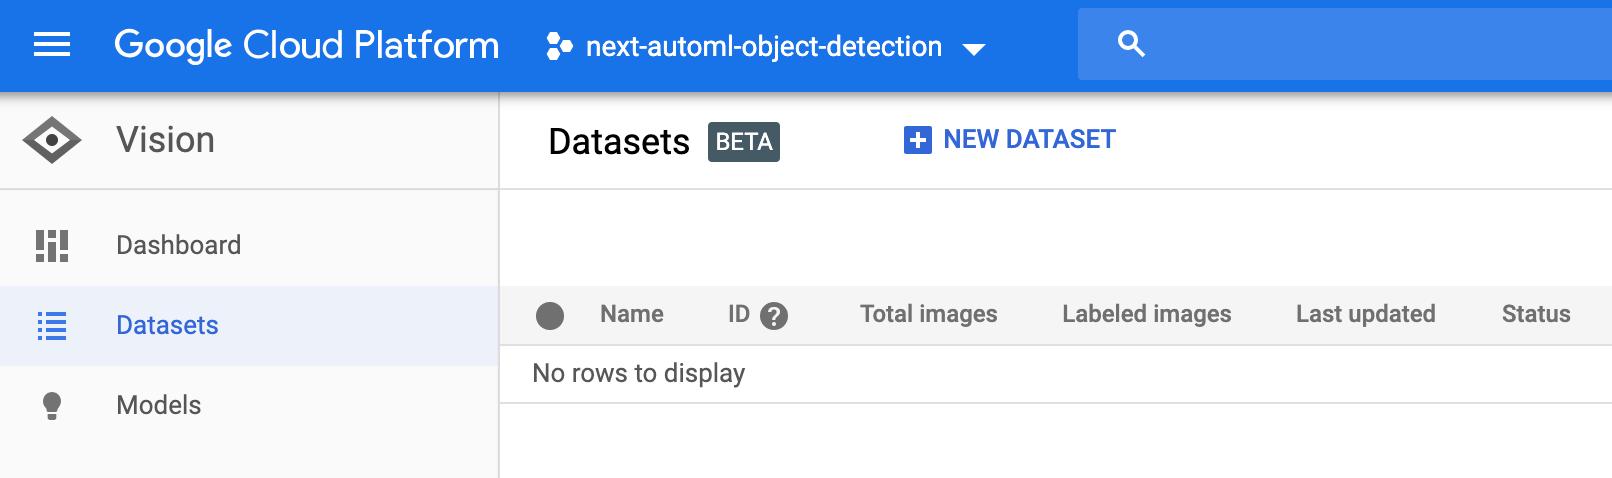 Selecciona Crear conjunto de datos nuevo